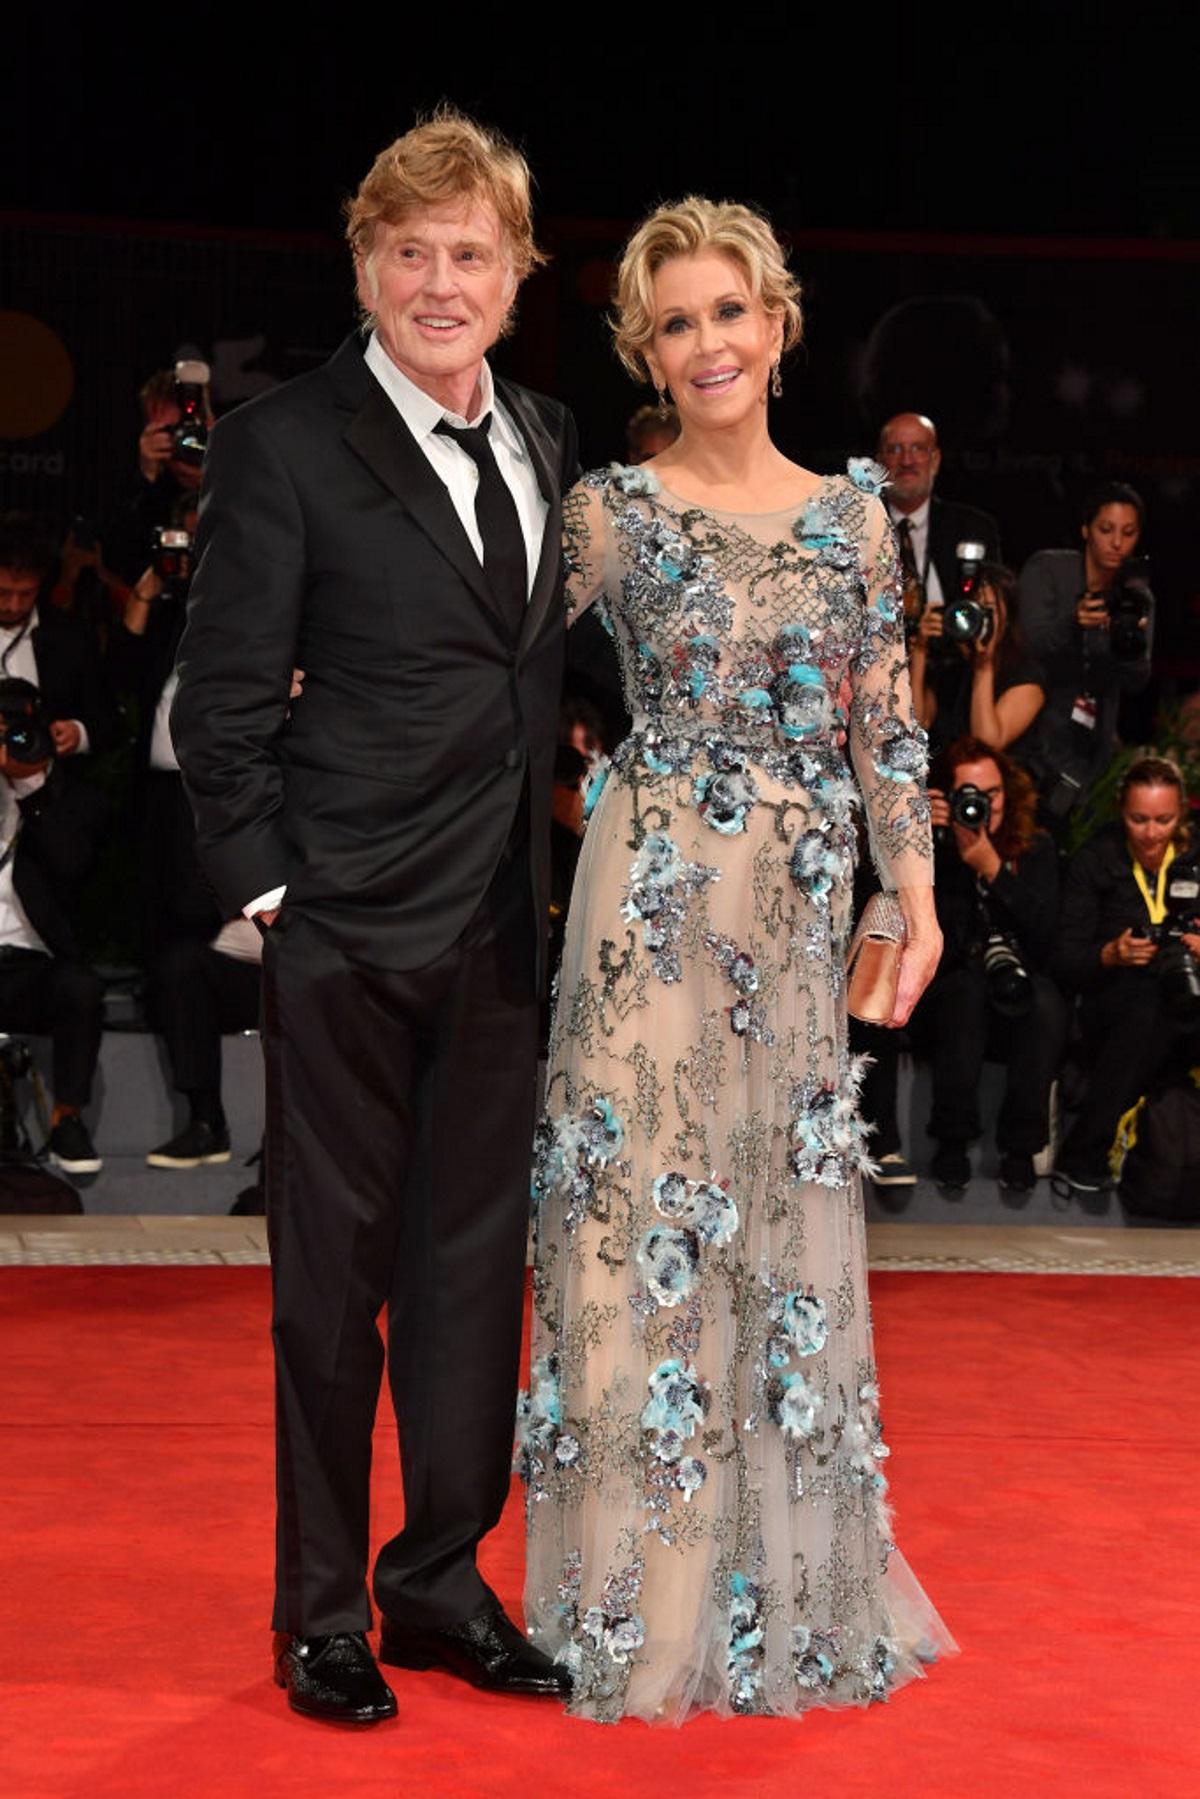 Робърт Редфорд и Джейн Фонда на фестивала във Венеция (2017 г.)